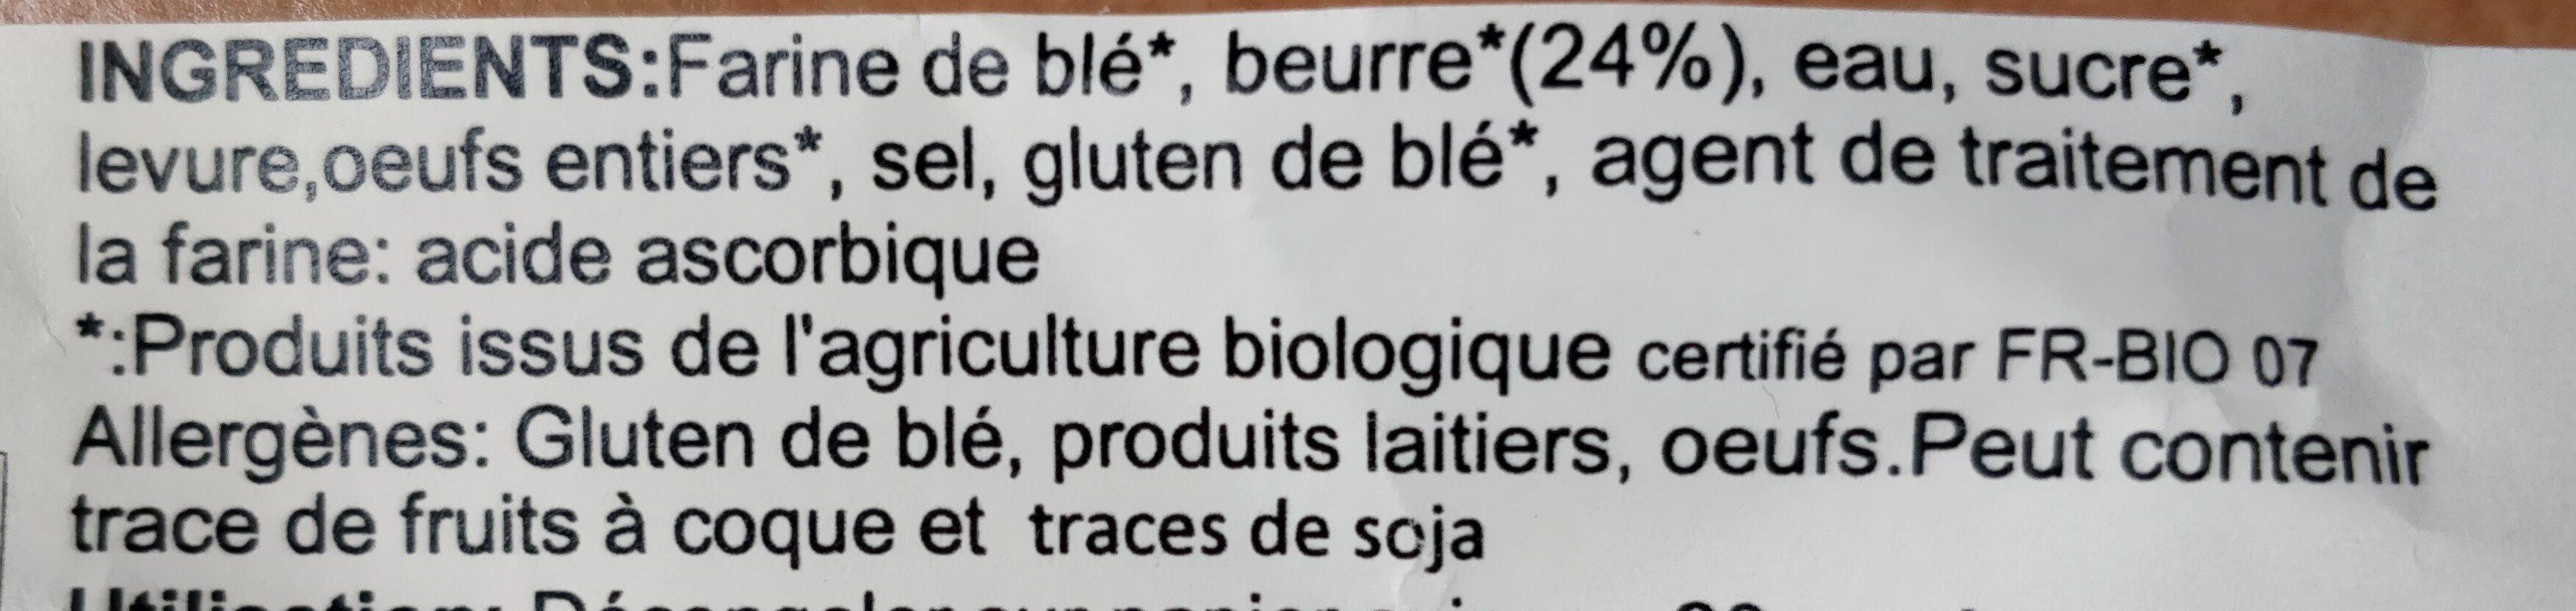 Croissants au beurre (4 x 70 g) - Ingrédients